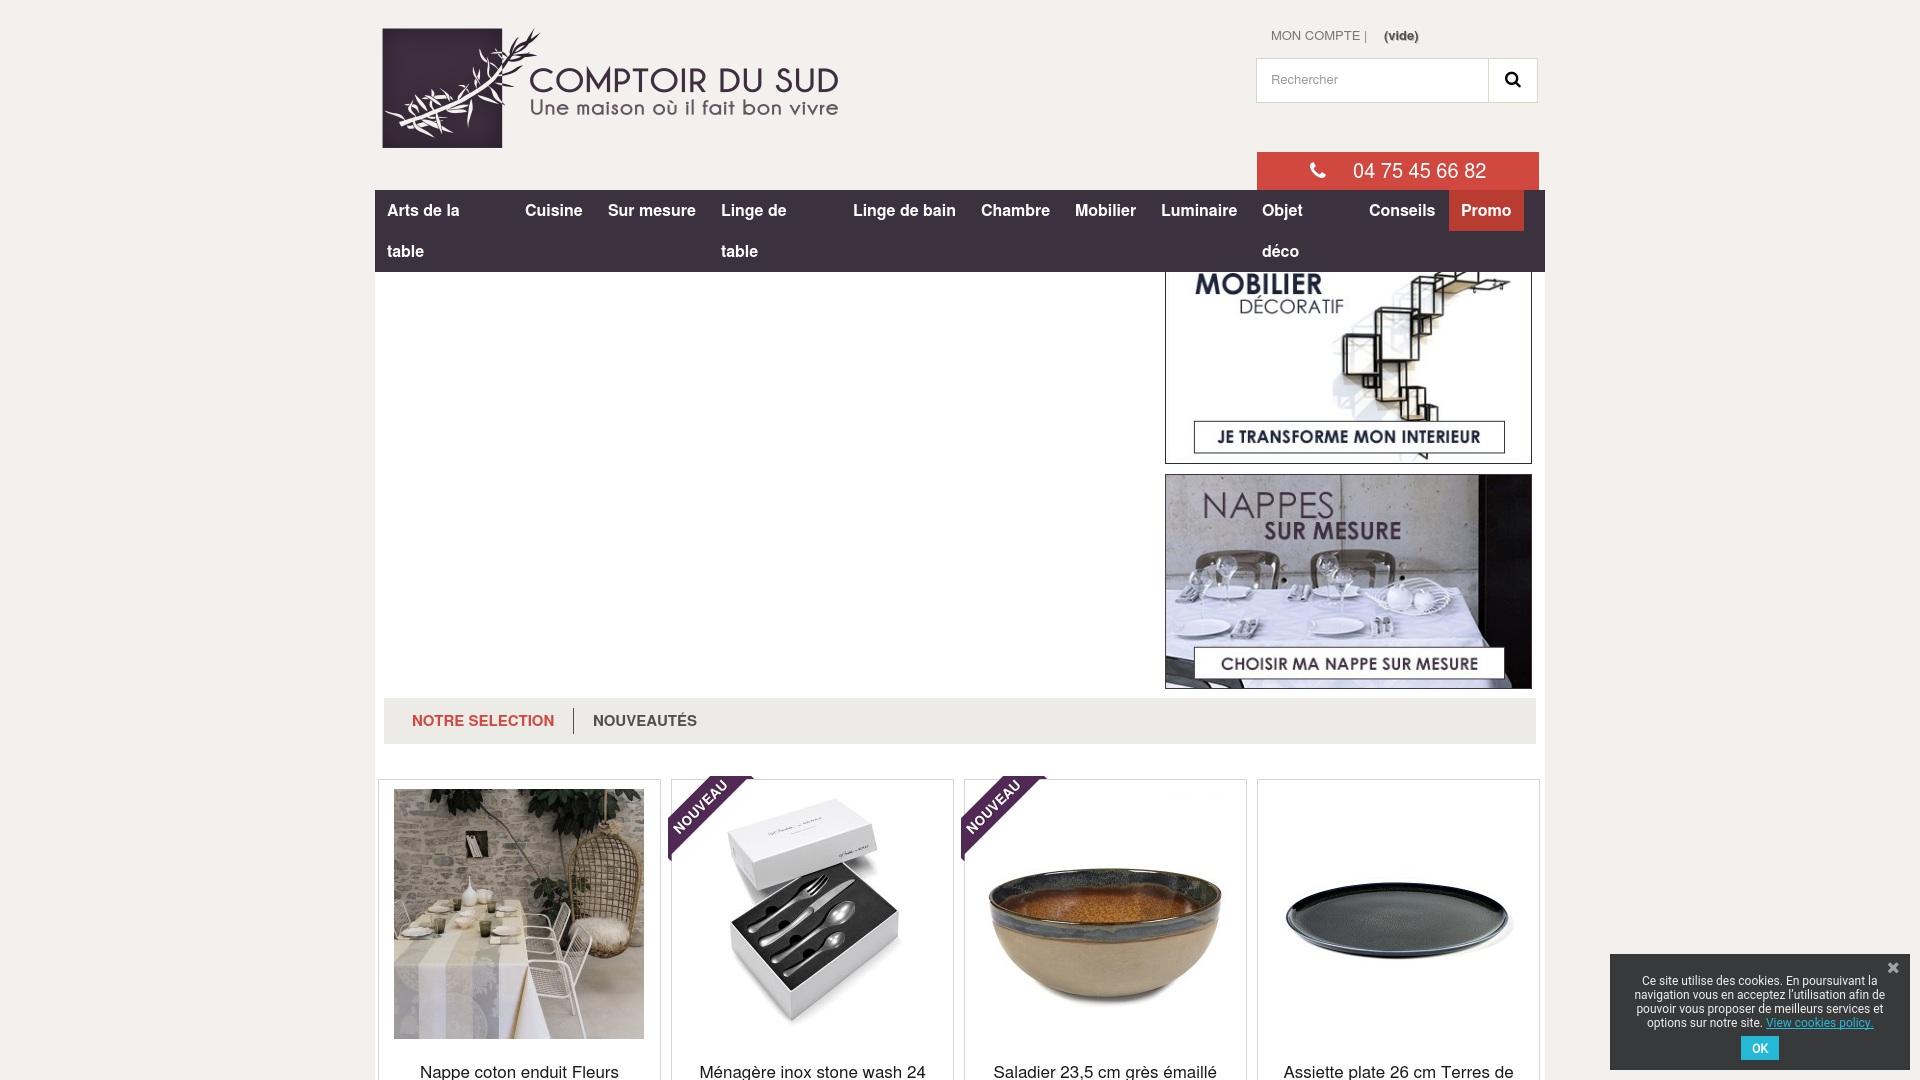 Gutschein für Comptoir-du-sud: Rabatte für  Comptoir-du-sud sichern